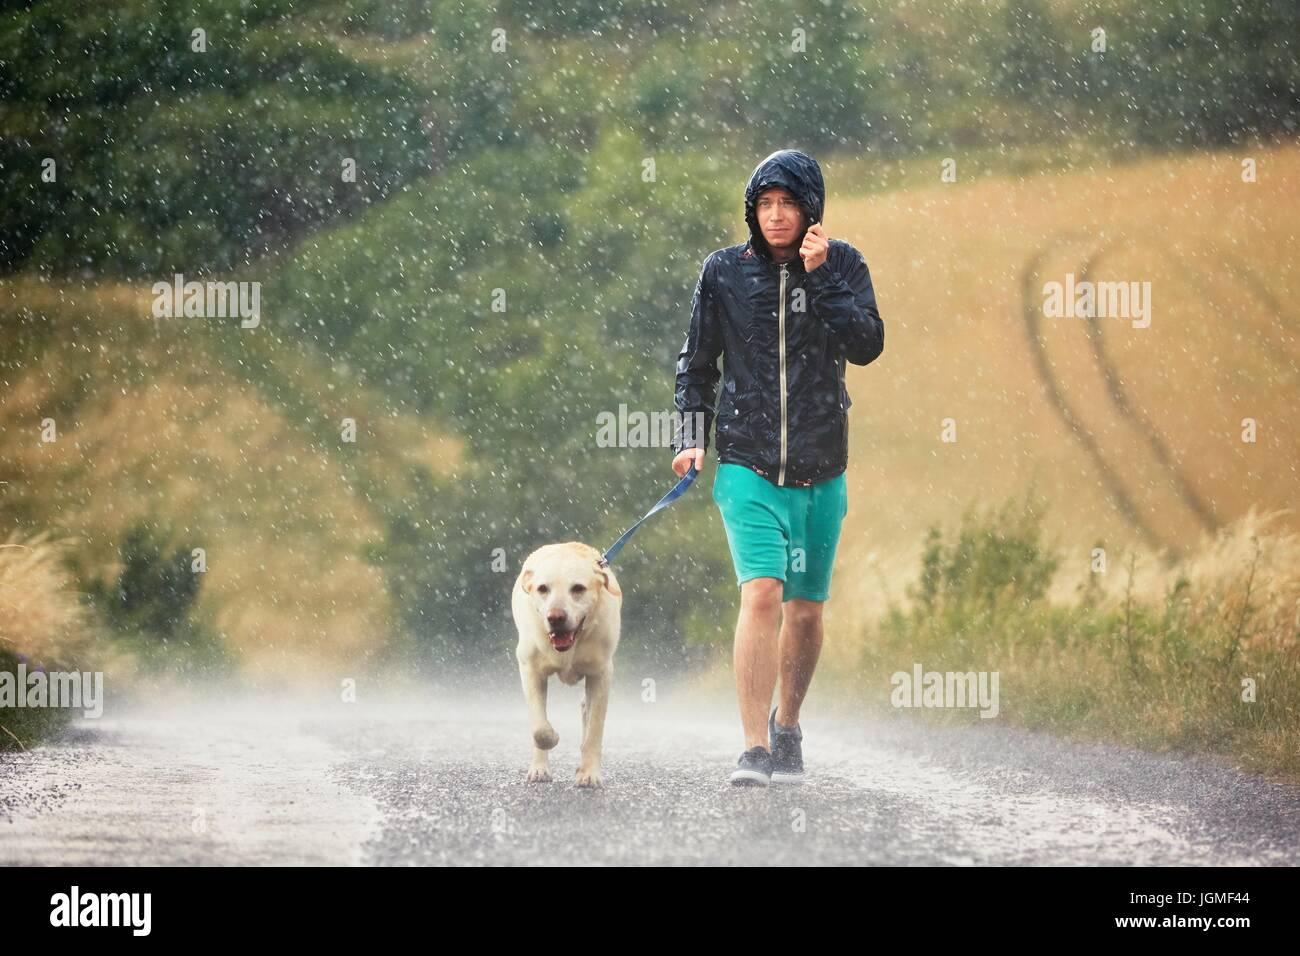 Junger Mann mit seinem Hund (Labrador Retriever) bei starkem Regen auf der Landstraße. Stockbild